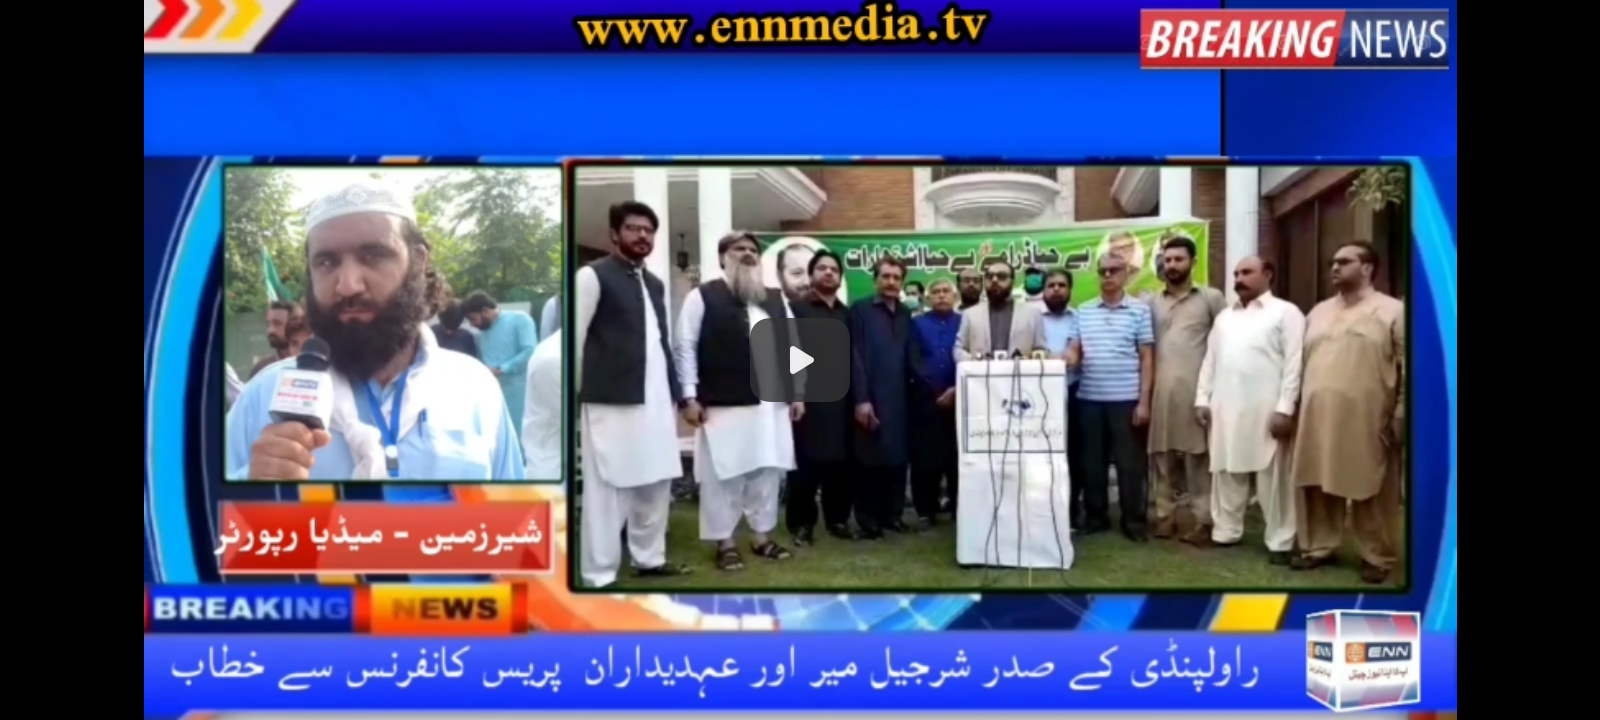 پنجاب : راولپنڈی کے صدر شرجیل میر اور عہدیداران پریس کانفرنس سے خطاب